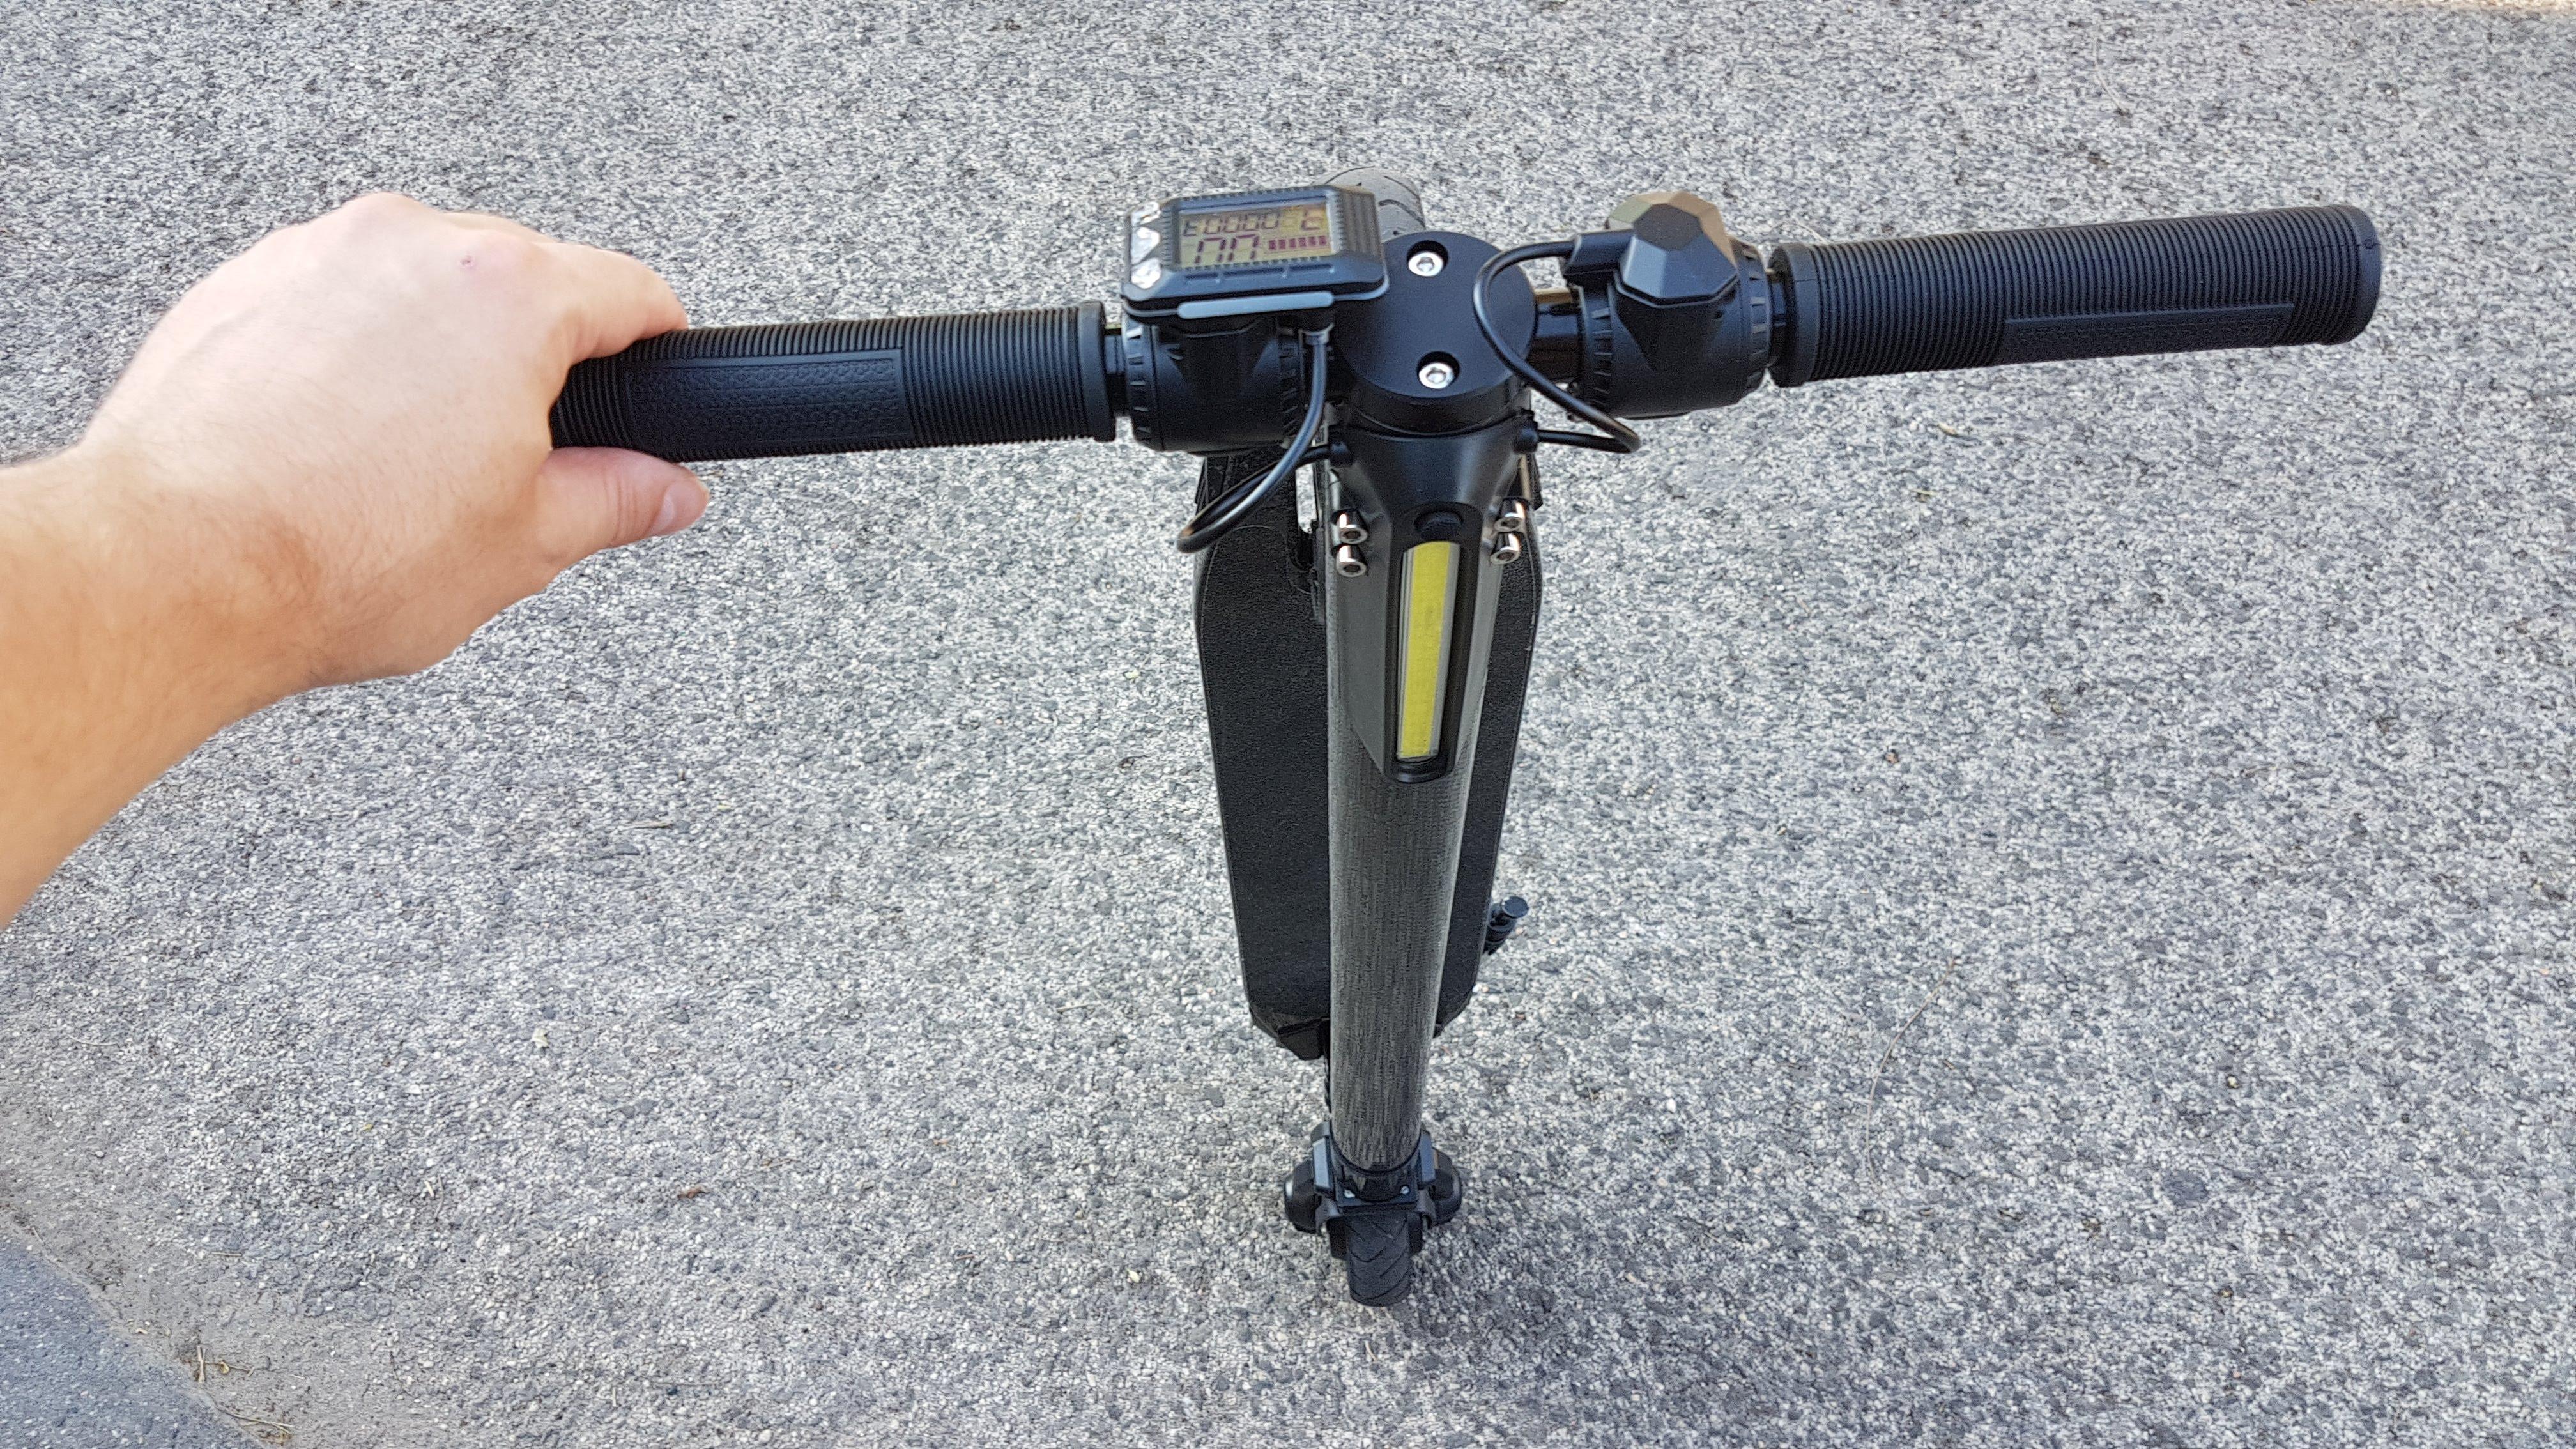 carbon-fiber-a-hordozhato-elektromos-roller-teszt-osszecsukhato-6600mAh-akkumulator-akksi-5.5-colos-kerek-14